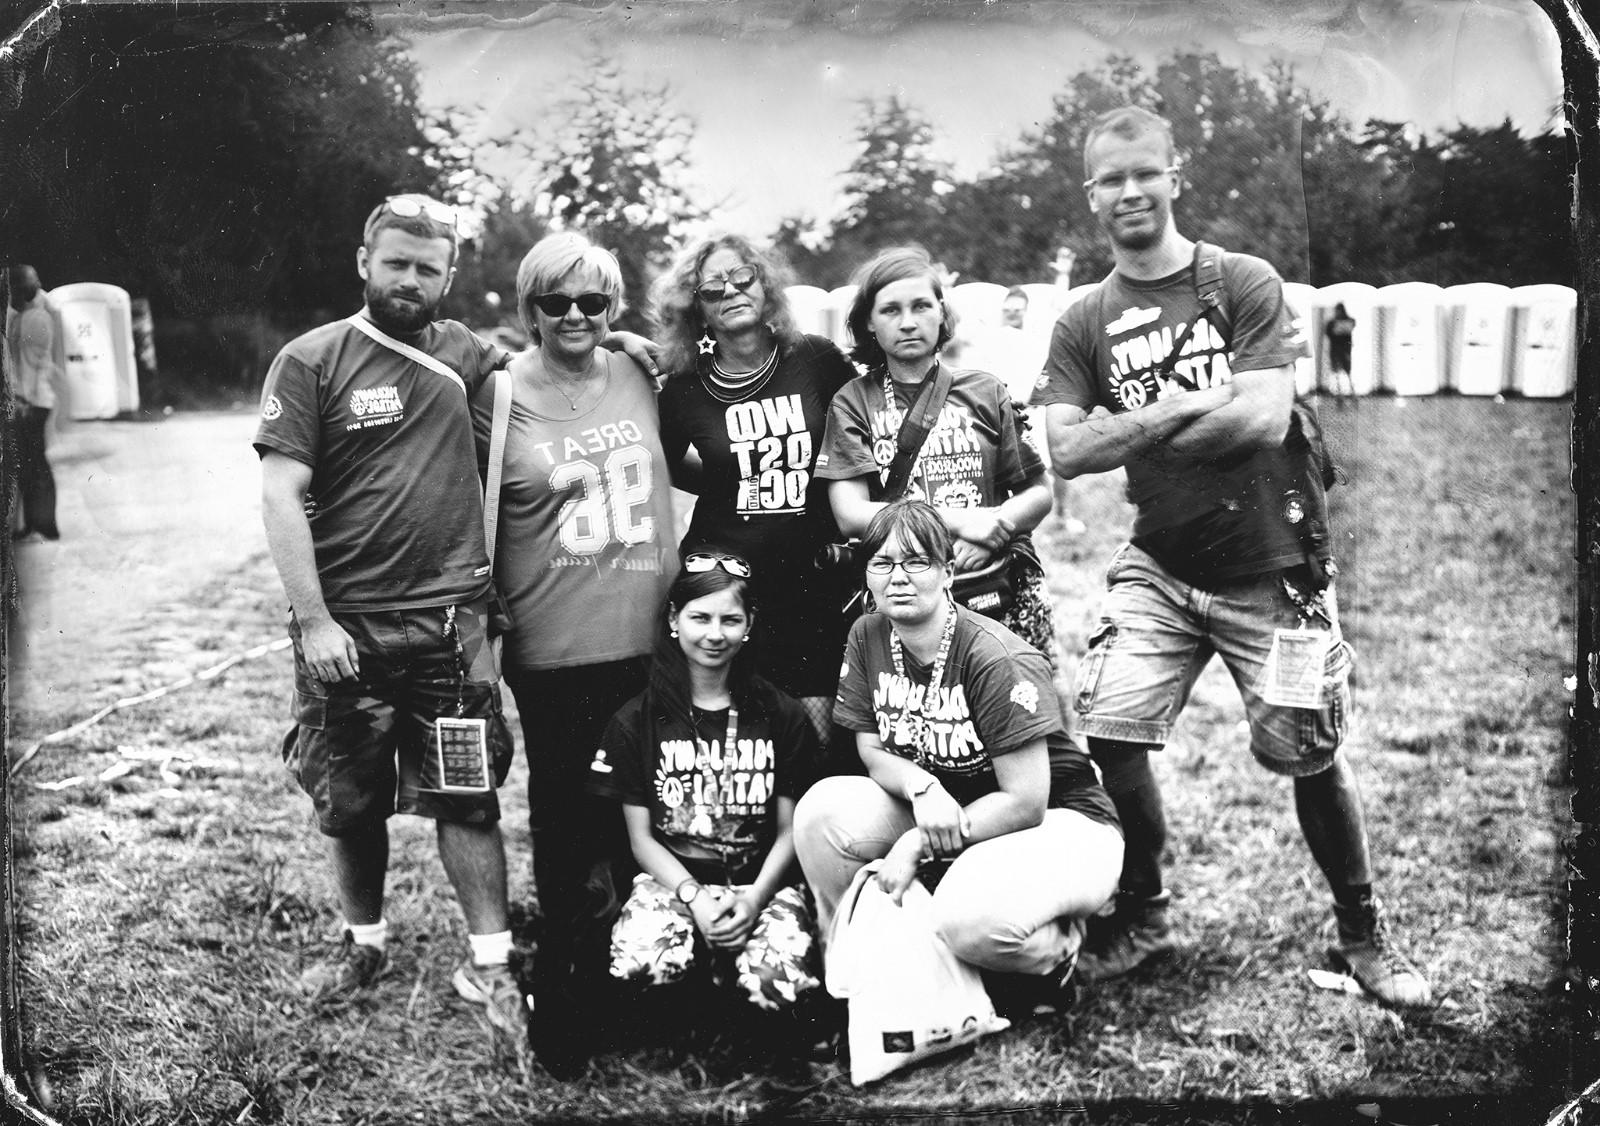 Przystanek Woodstock 2015 - Mokry Kolodion - Street Collodion Art (34)